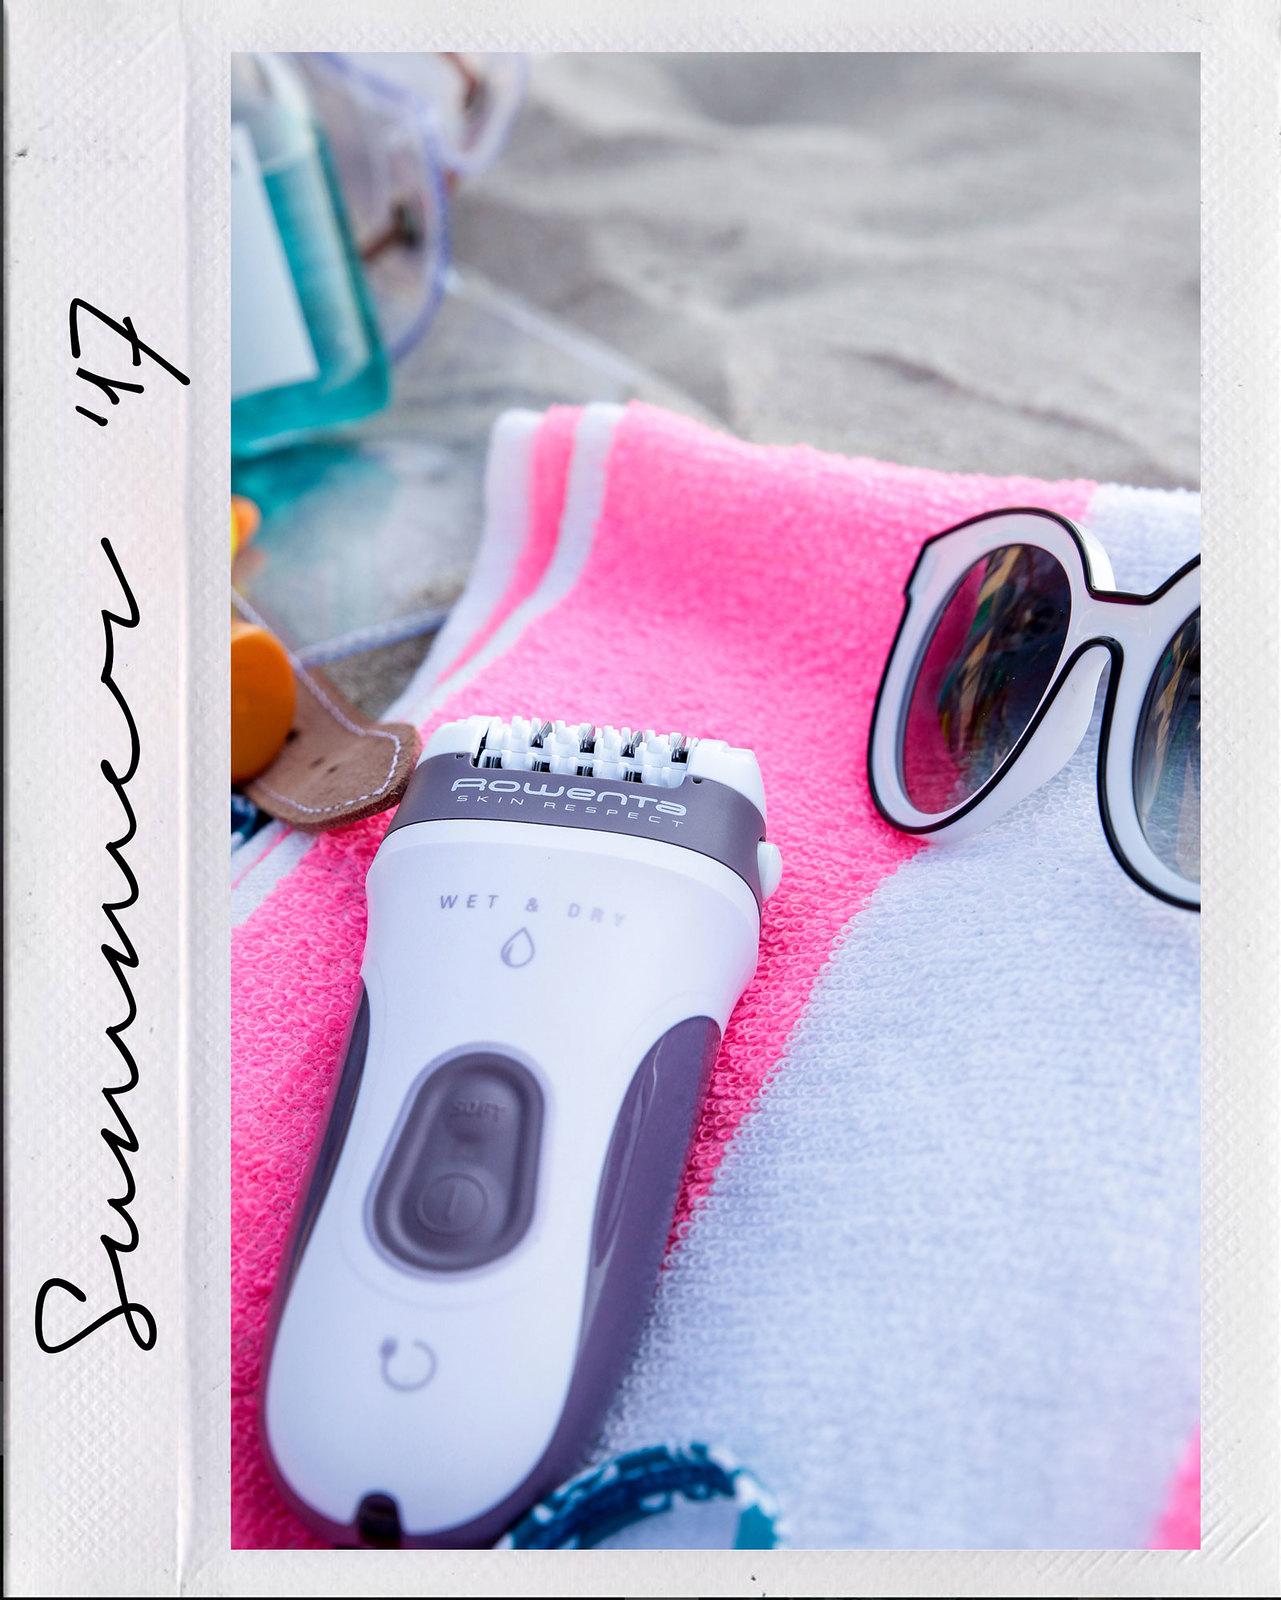 05._beach_essentials_qué_llevo_en_bolso_de_verano_theguestgirl_rowenta_dr_piierre_ricaud_summer_stylejpg